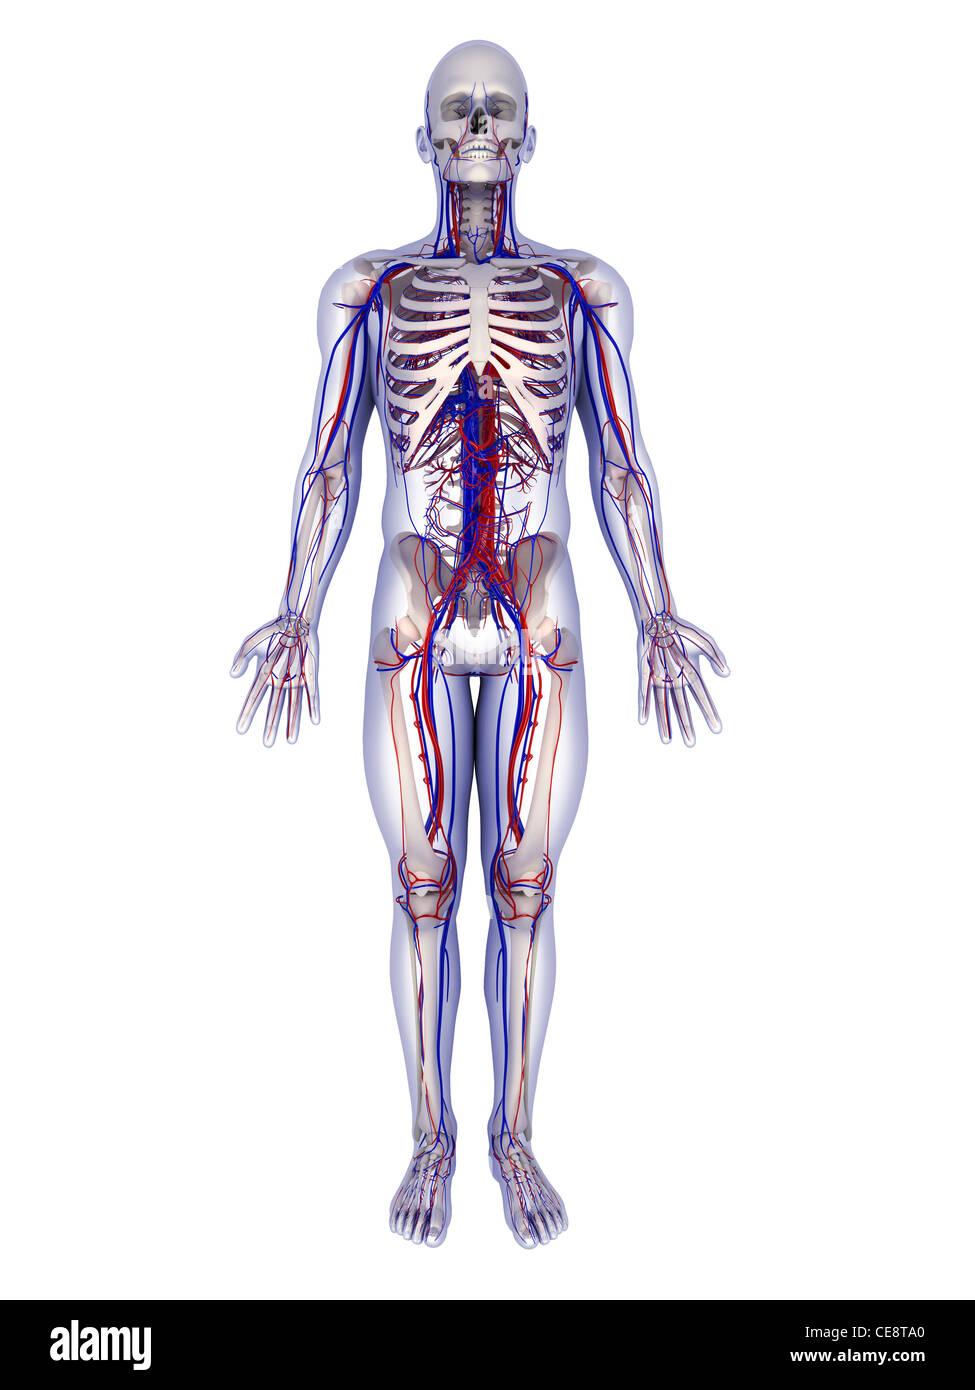 Anatomie des Menschen. Computer Grafik zeigt die Knochen und ...